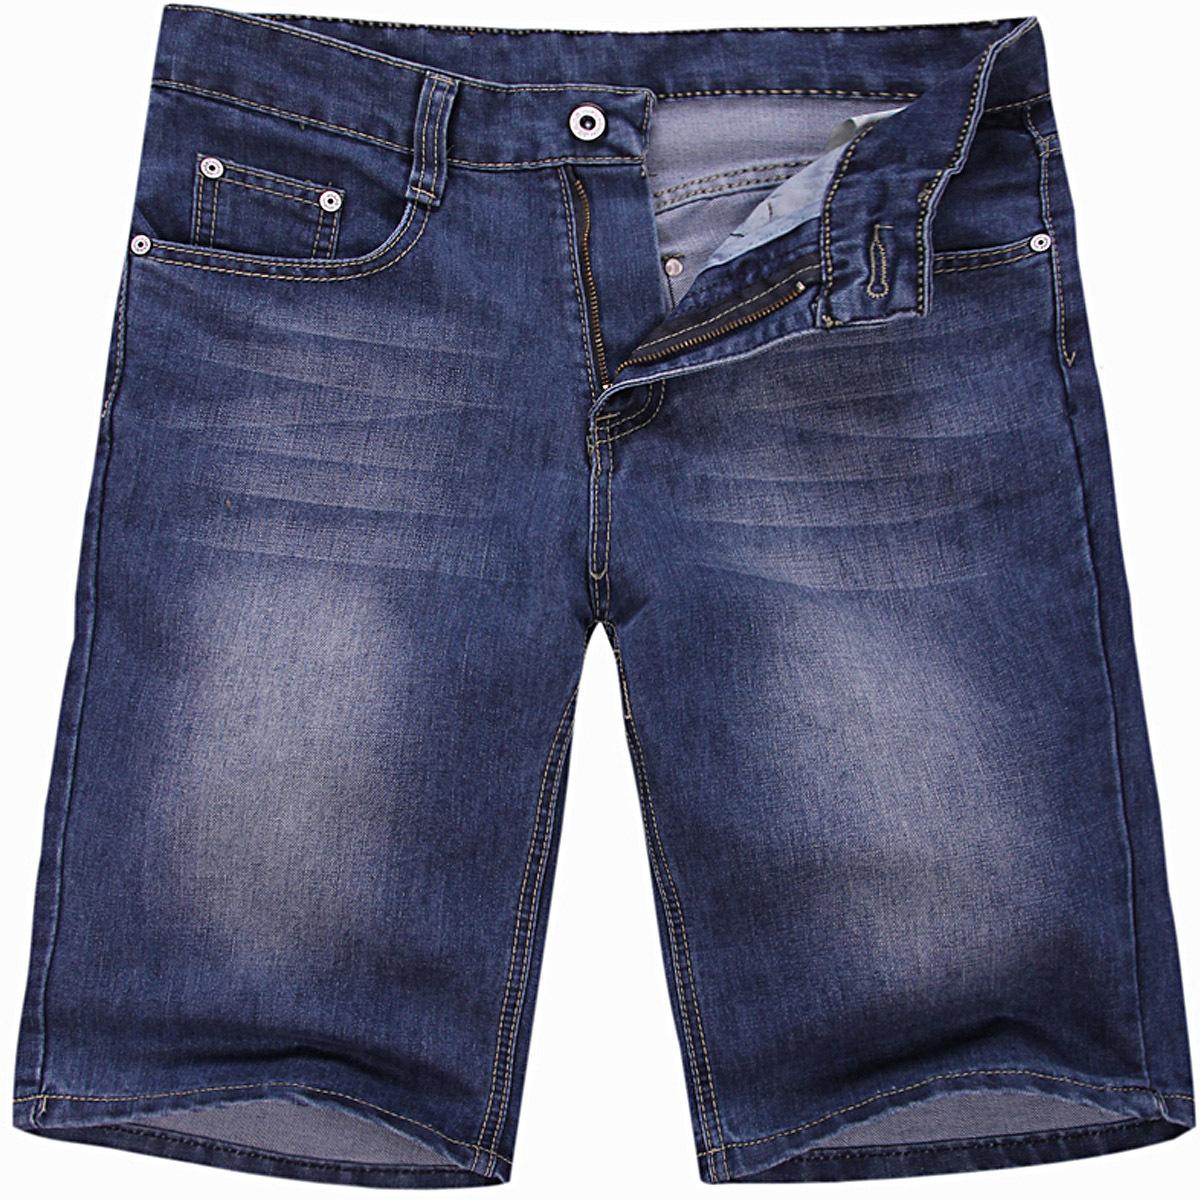 Джинсы мужские Ed Virgil n0012 Классическая джинсовая ткань